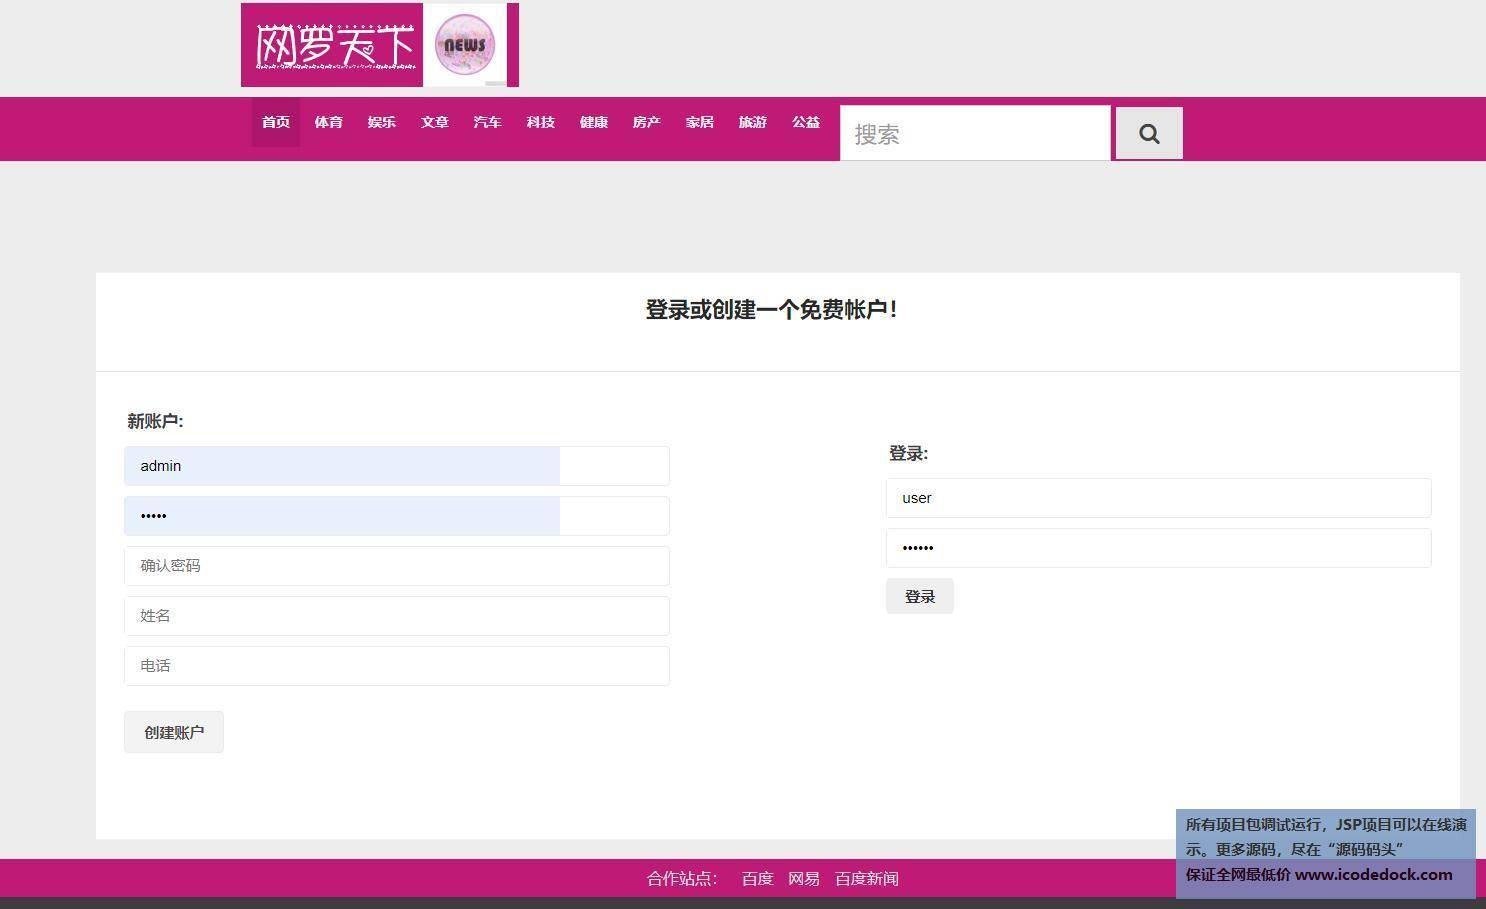 源码码头-SSM新闻资讯网站管理系统-用户角色-用户登录注册